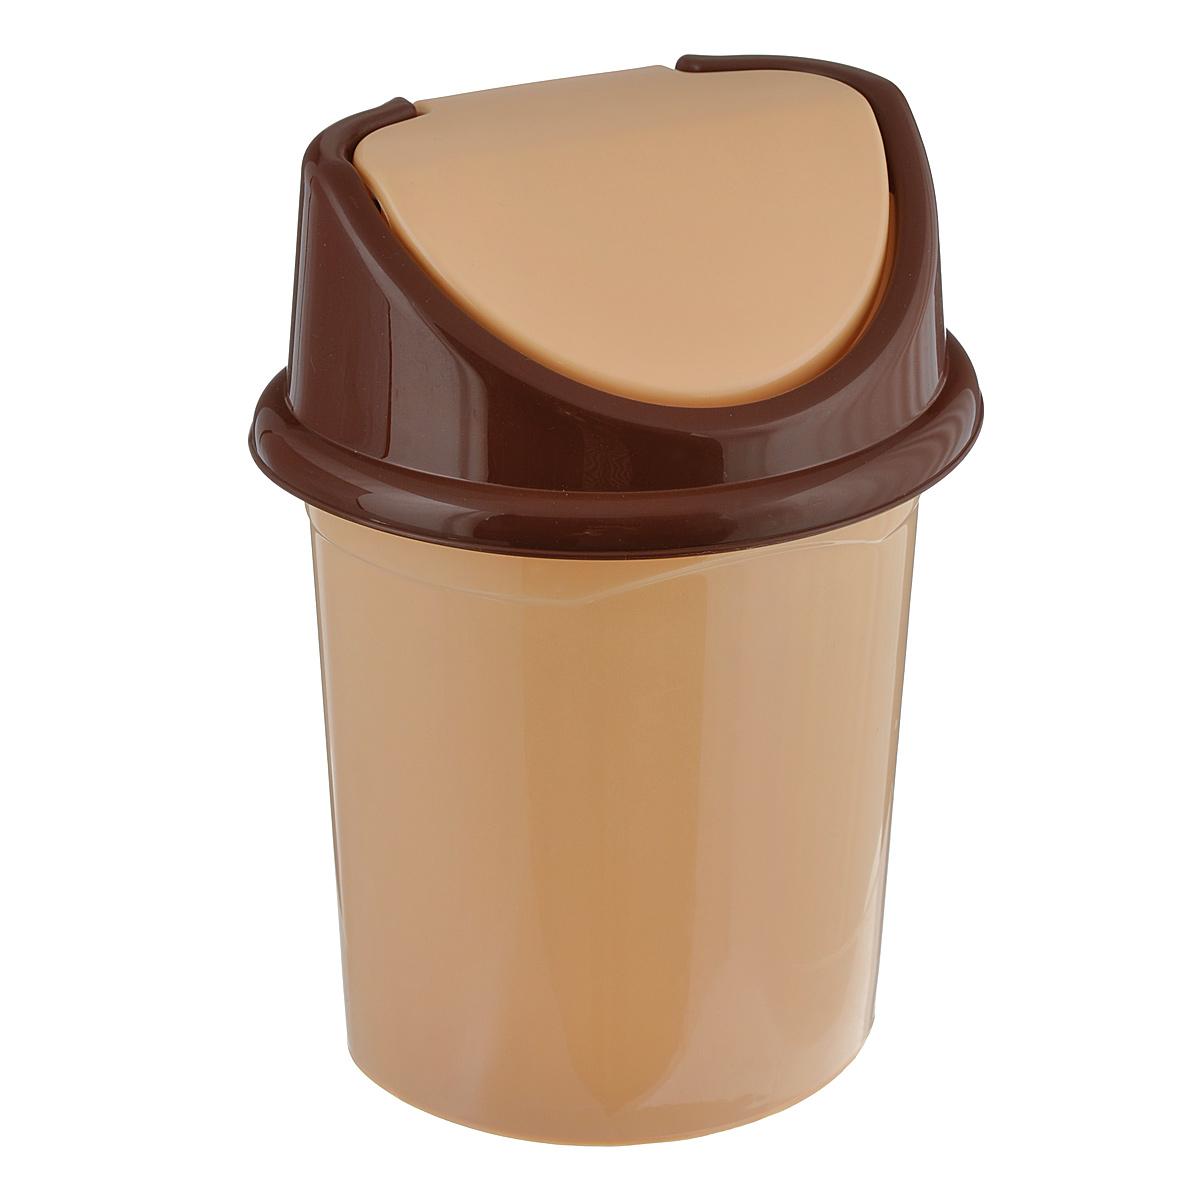 Контейнер для мусора Violet, цвет: бежевый, коричневый, 8 л68/5/1Контейнер для мусора Violet изготовлен из прочного пластика. Контейнер снабжен удобной съемной крышкой с подвижной перегородкой. В нем удобно хранить мелкий мусор. Благодаря лаконичному дизайну такой контейнер идеально впишется в интерьер и дома, и офиса.